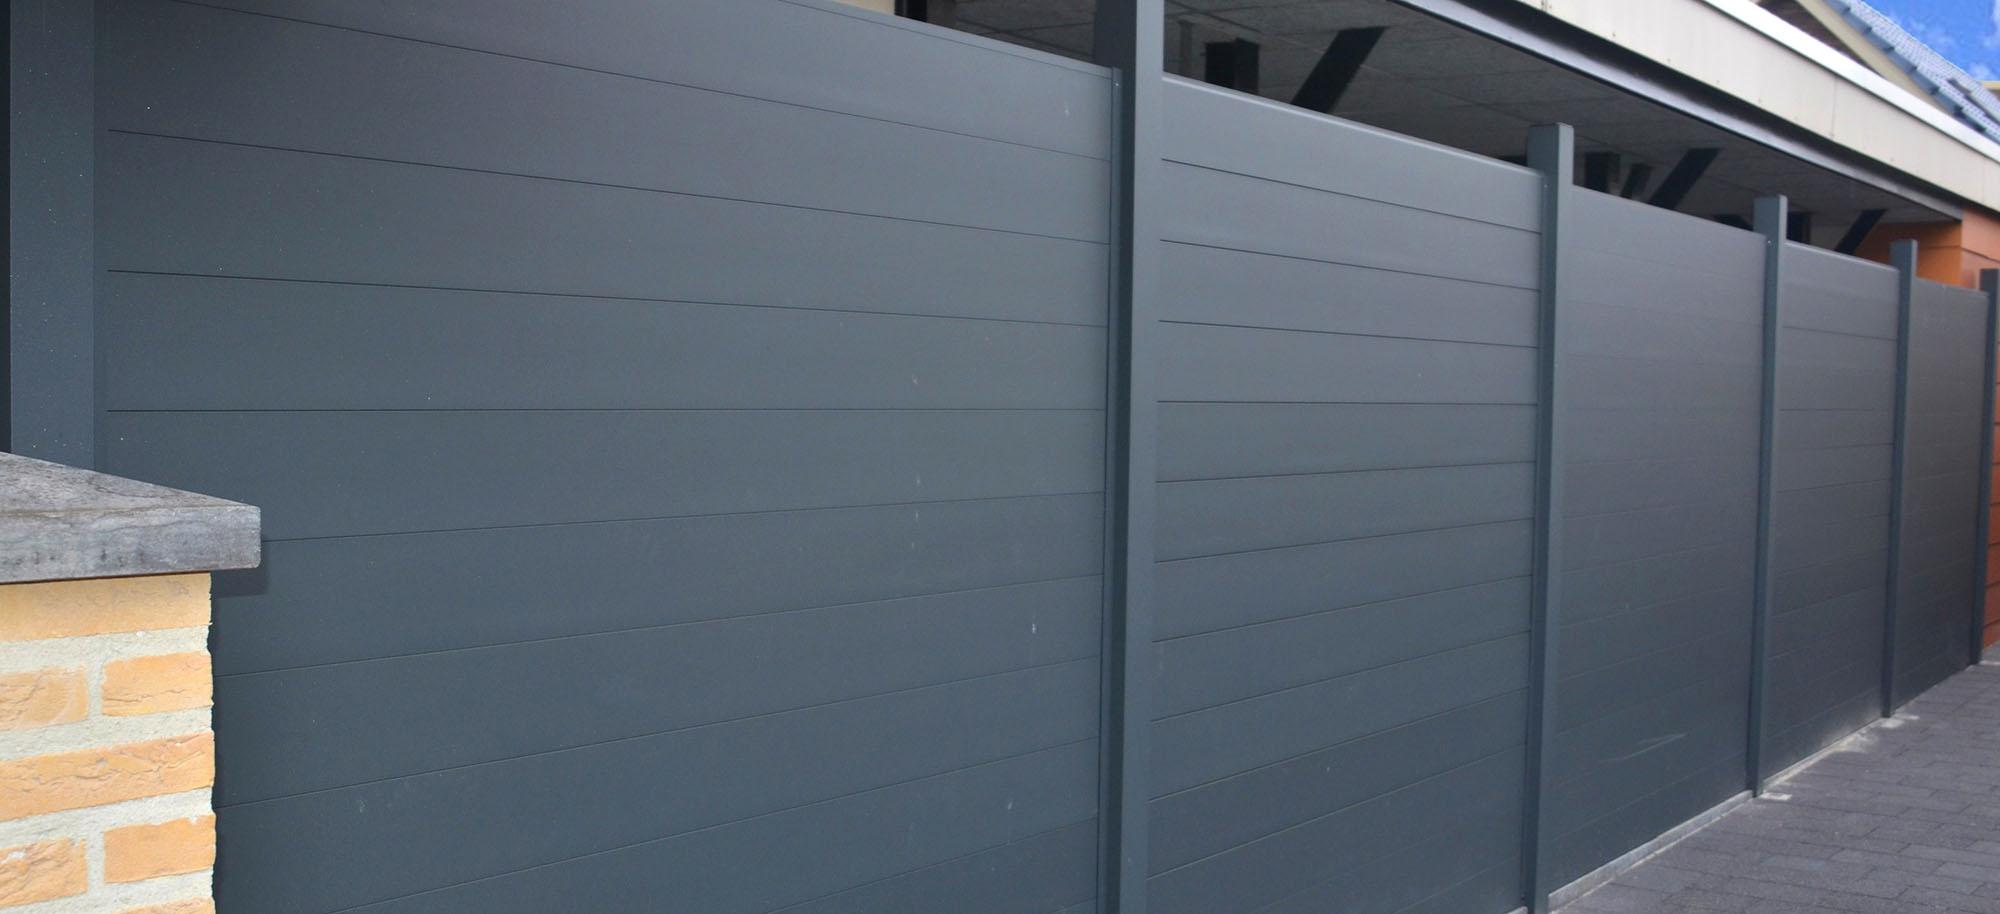 Gianni neri recinzioni recinzioni industriali e civili for Strutture metalliche dwg